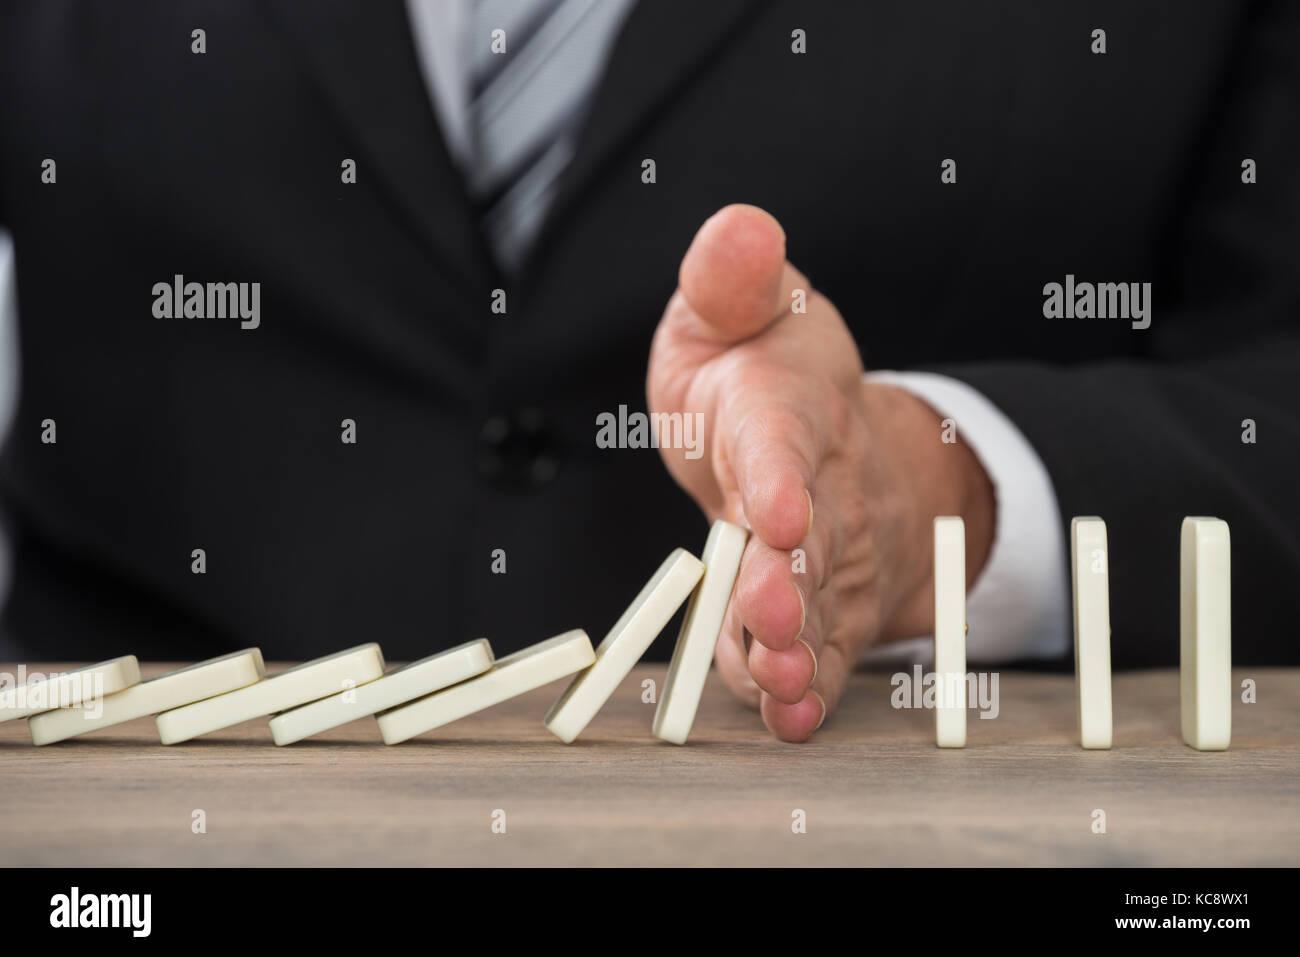 Close-up di un imprenditore mano domino di arresto di cadere su una scrivania in ufficio Immagini Stock